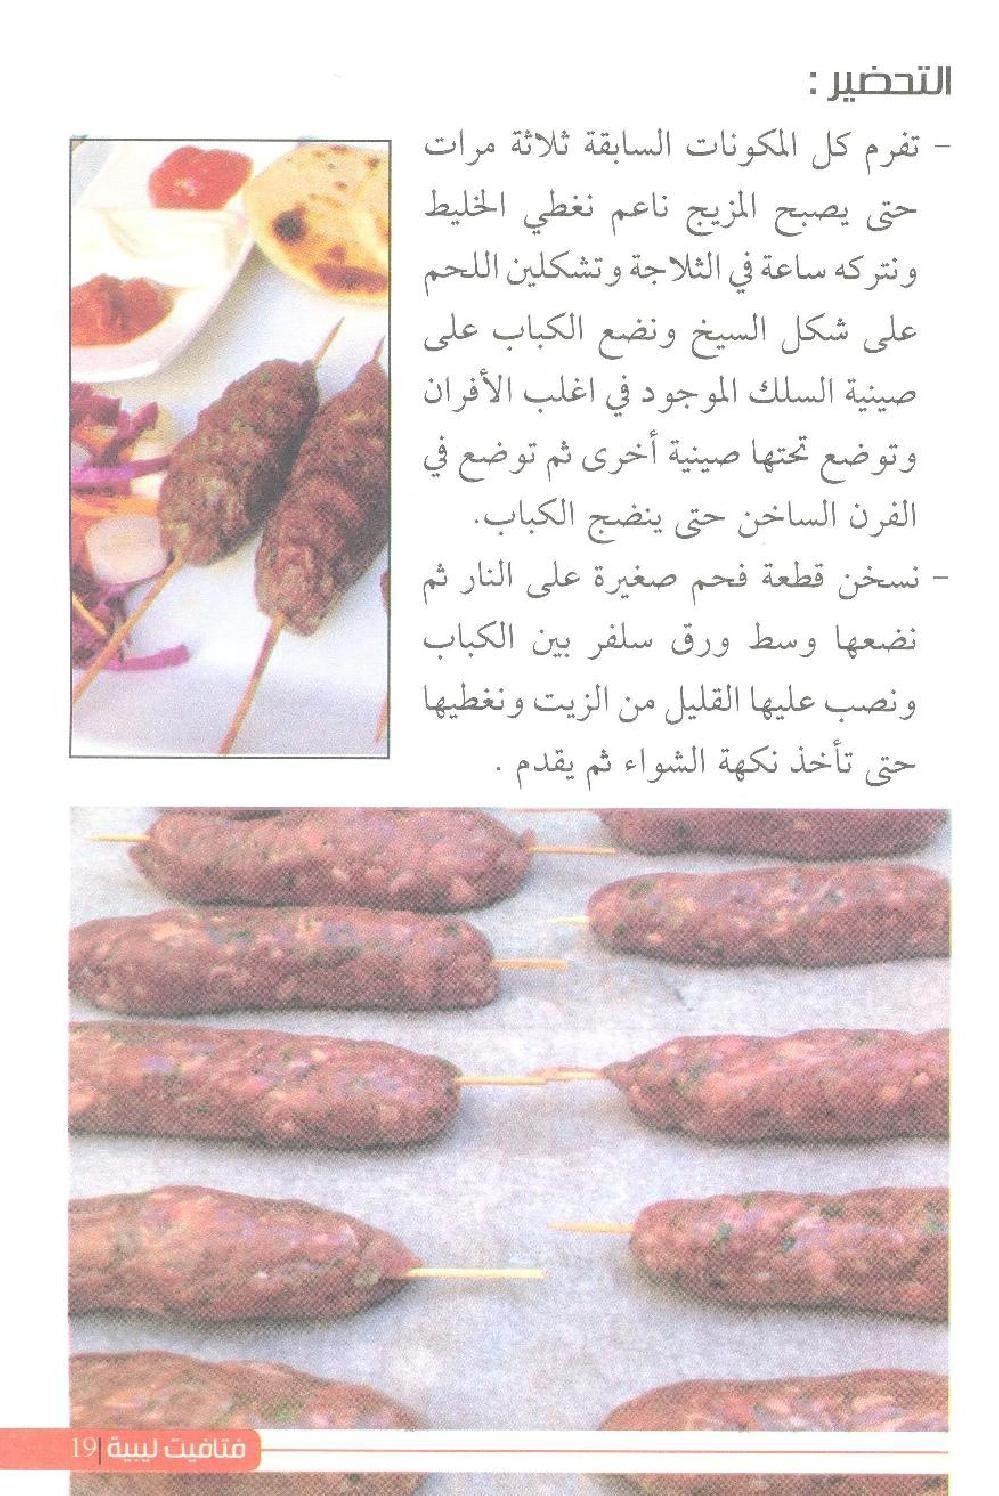 Pdf Print كتاب فتافيت ليبية 2016 By ميس الريم Issuu Fatafeat Print Food